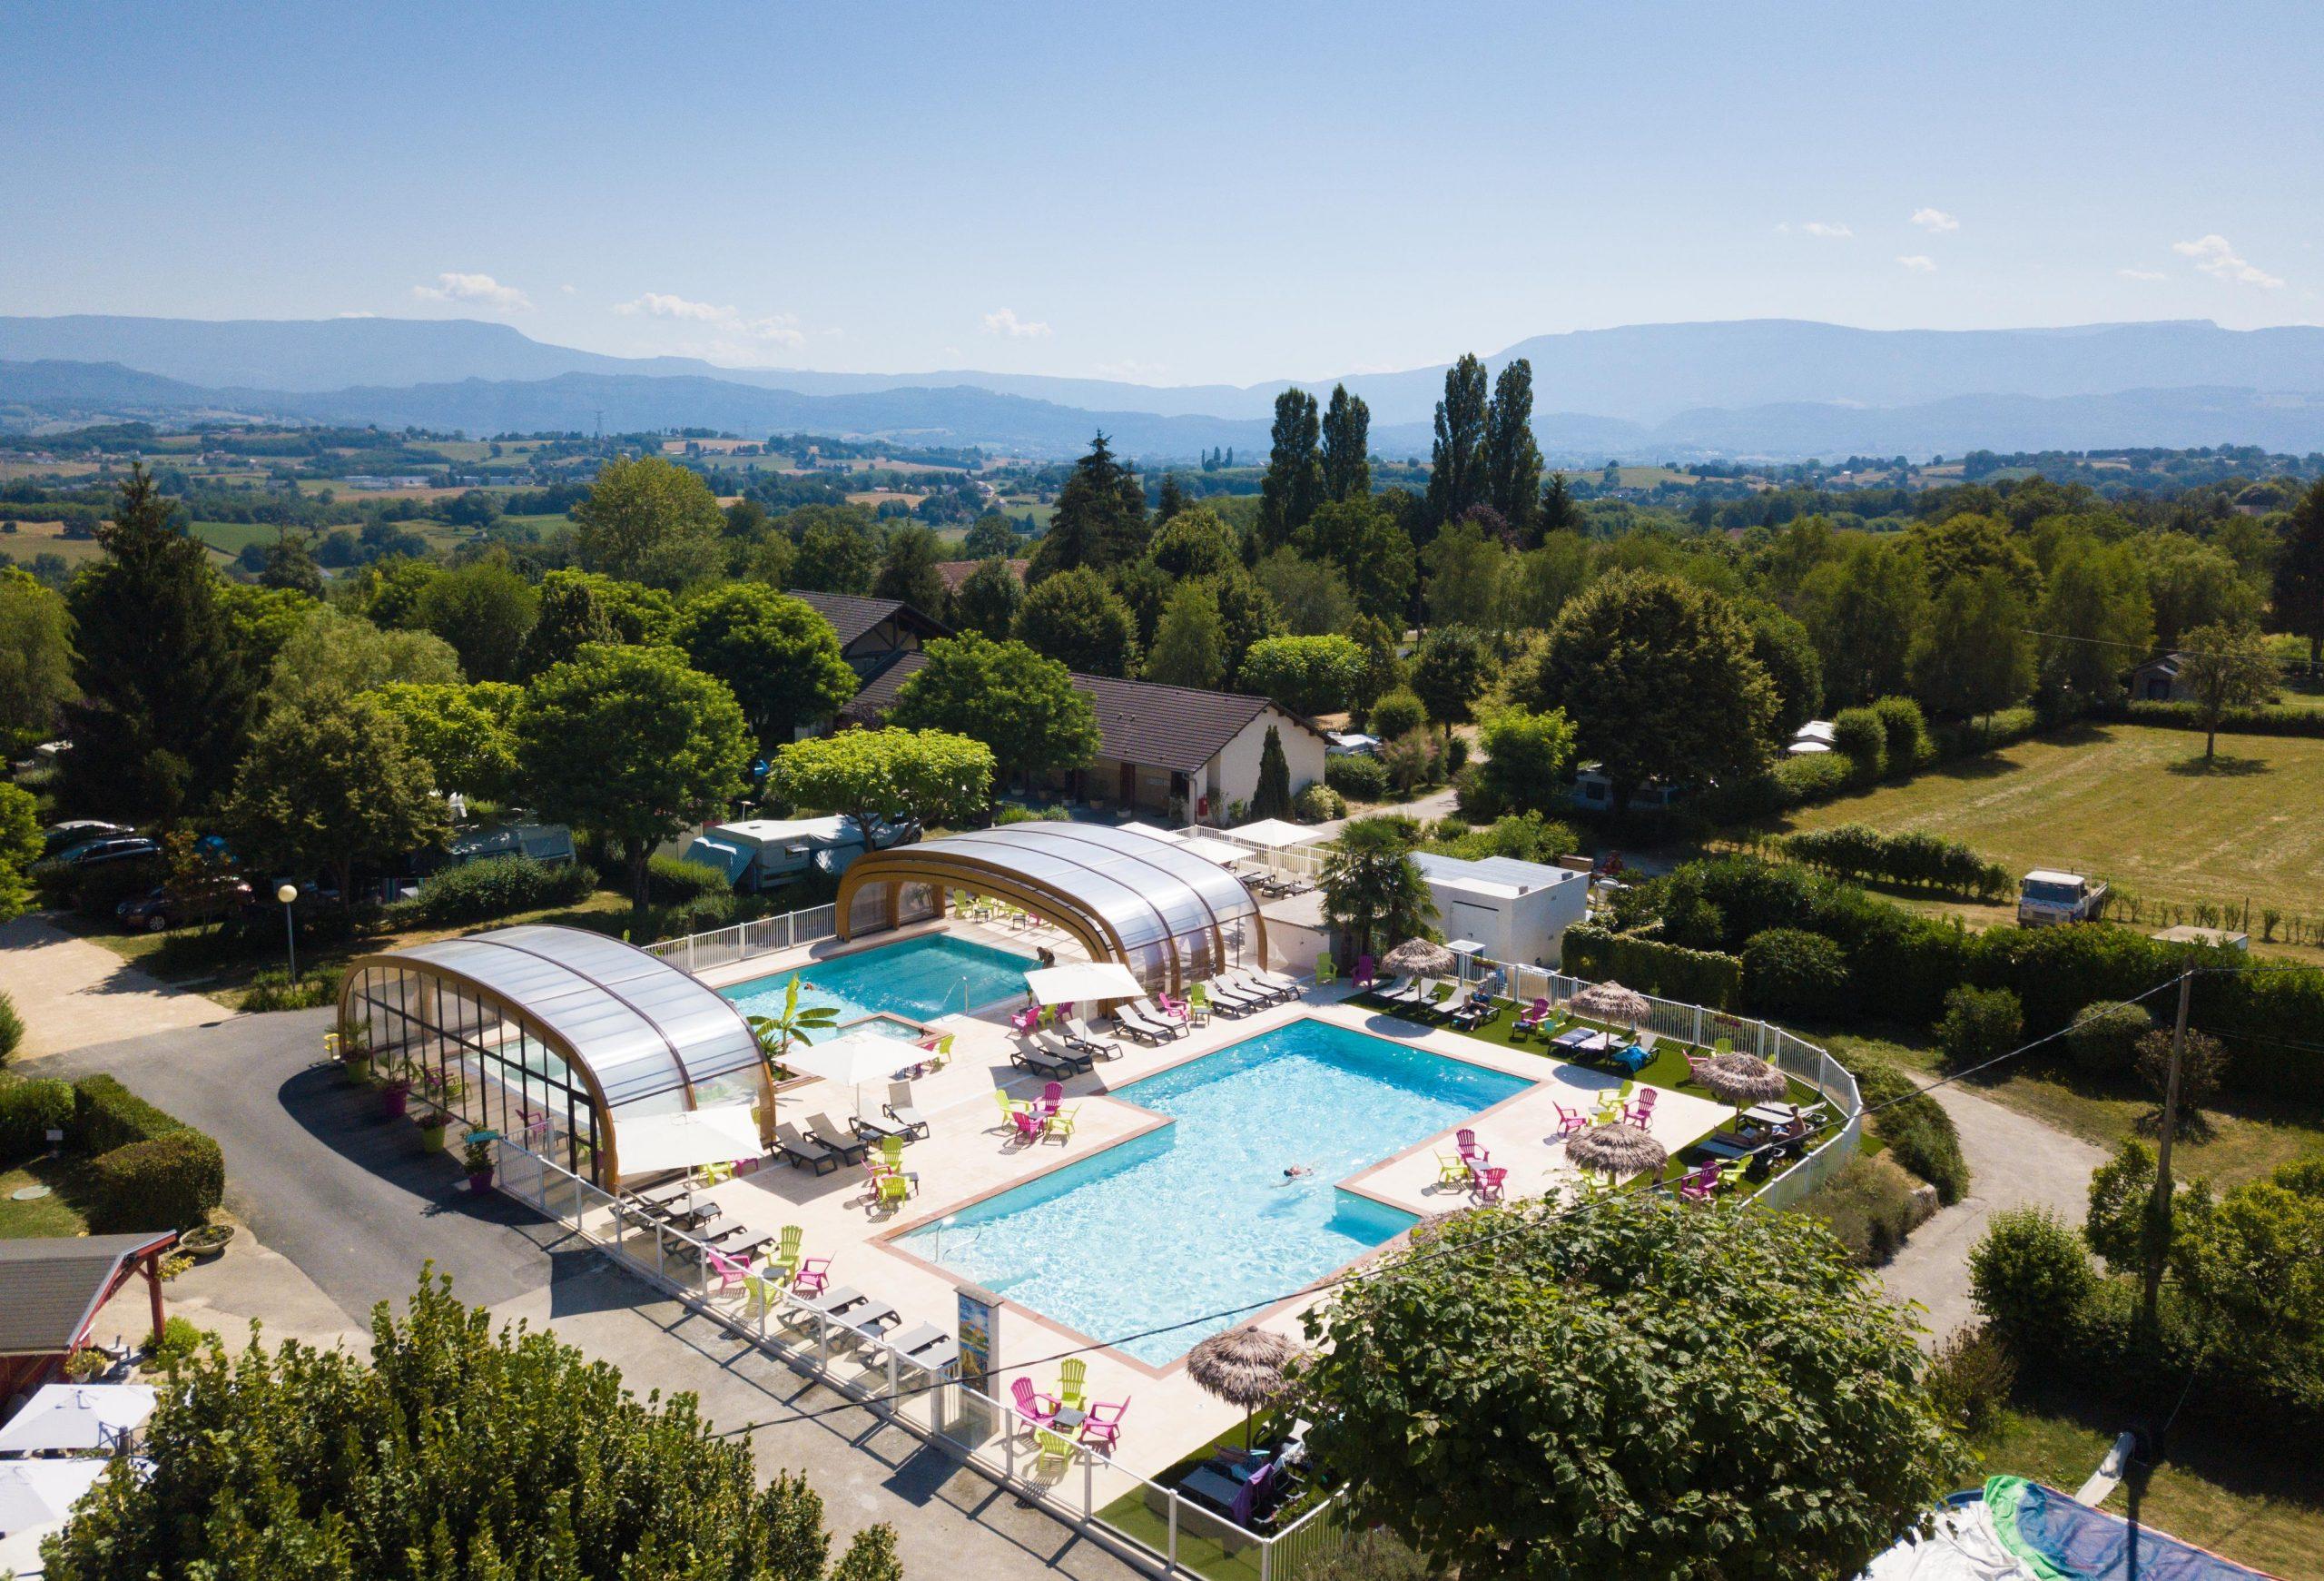 Le Coin Tranquille C'est Si Bon - France | Camping In Les ... concernant Piscine Les Abrets